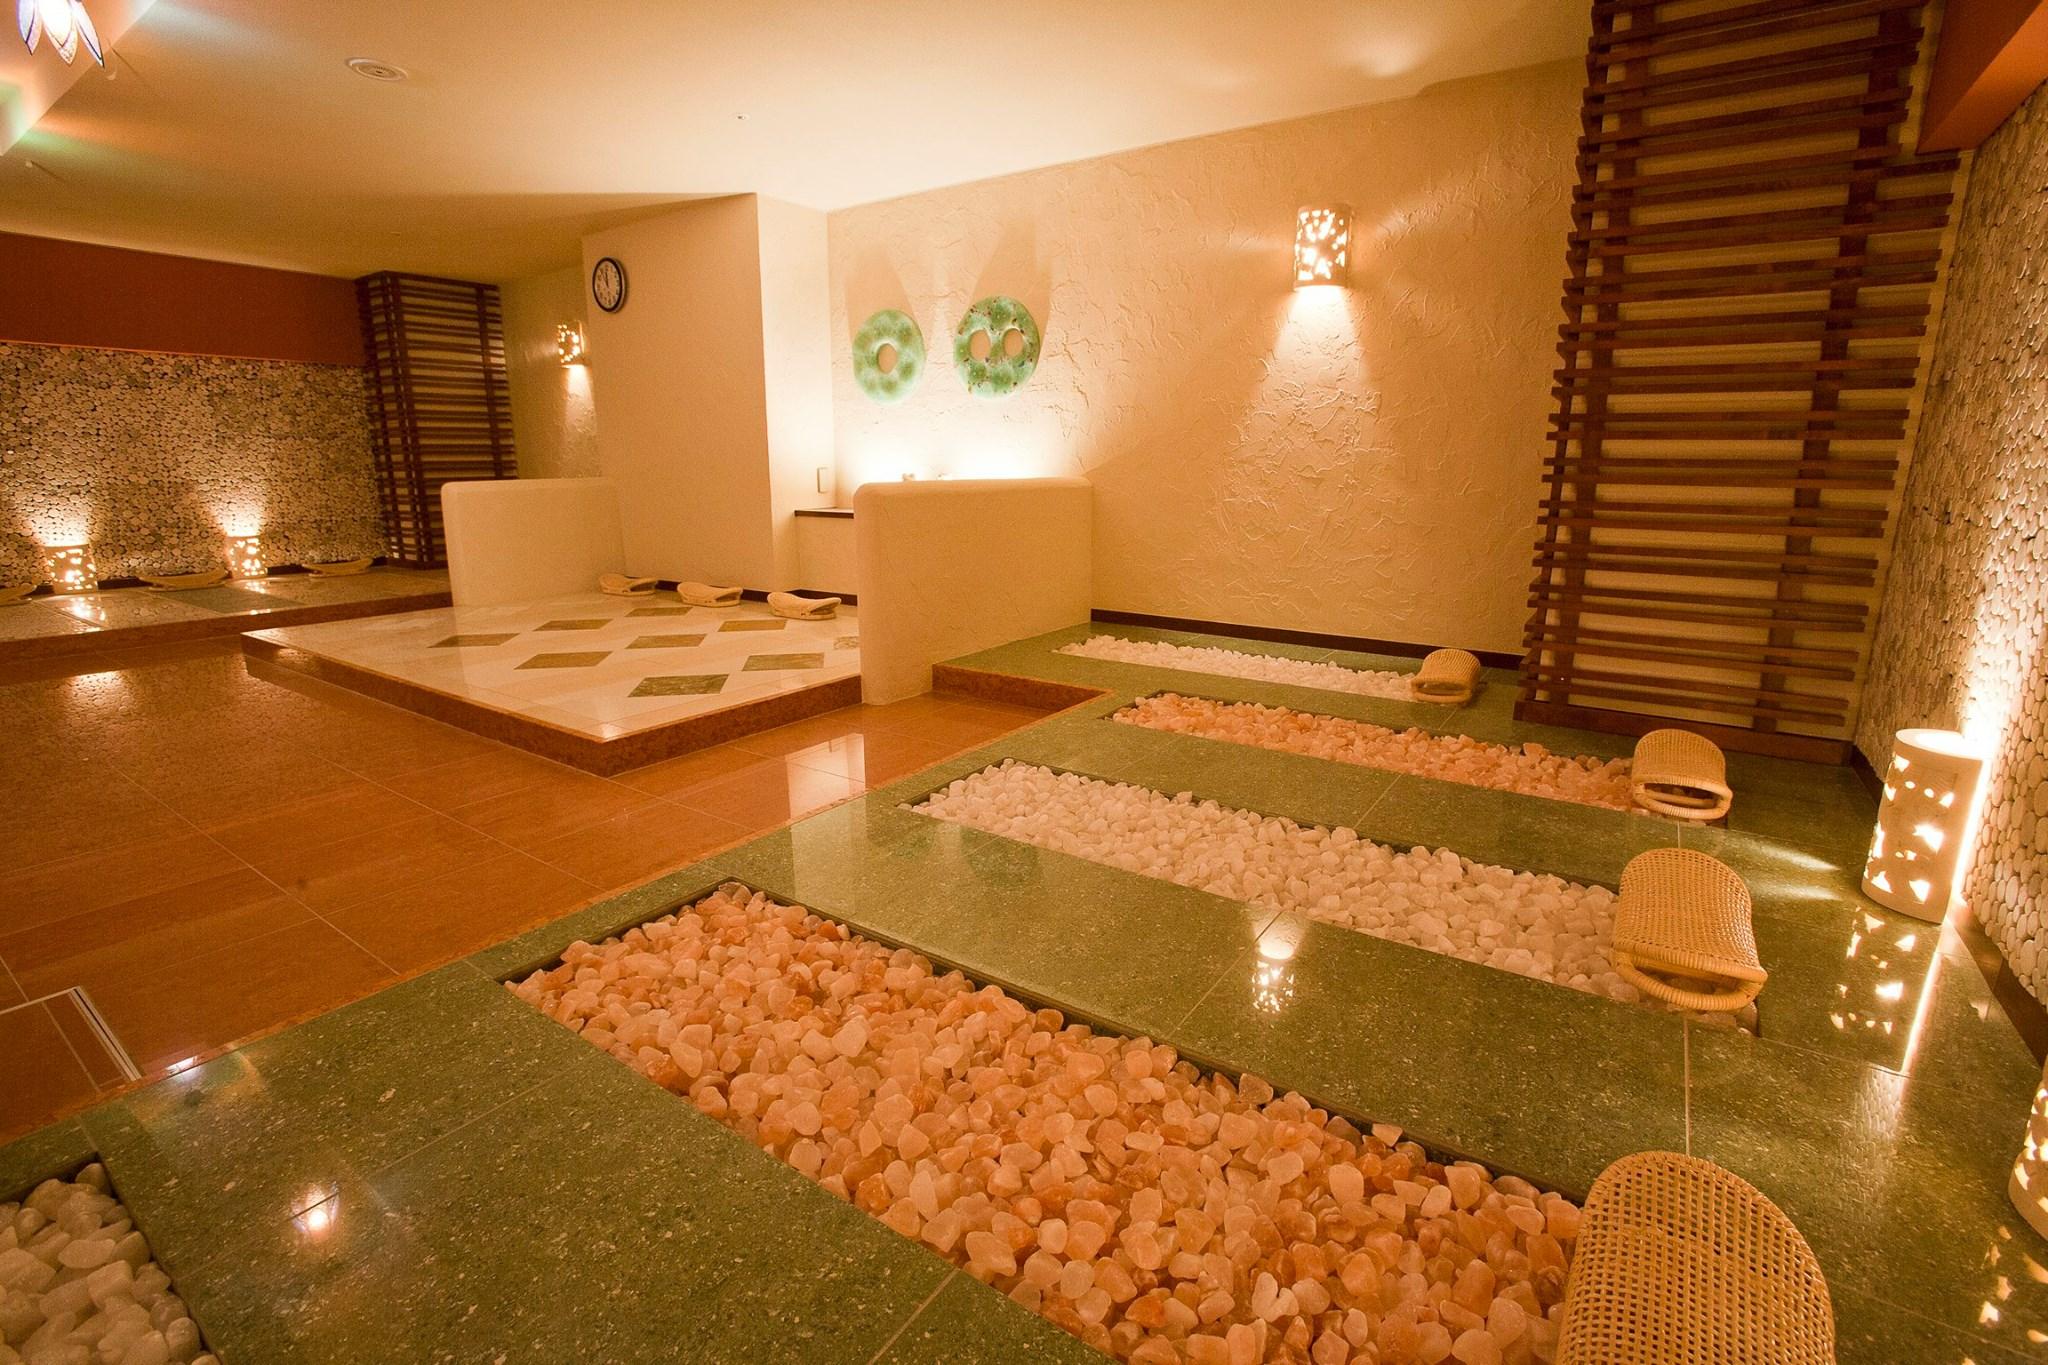 岩盤浴を札幌で!カップルにおすすめの個室やホテルに安い所もあり!